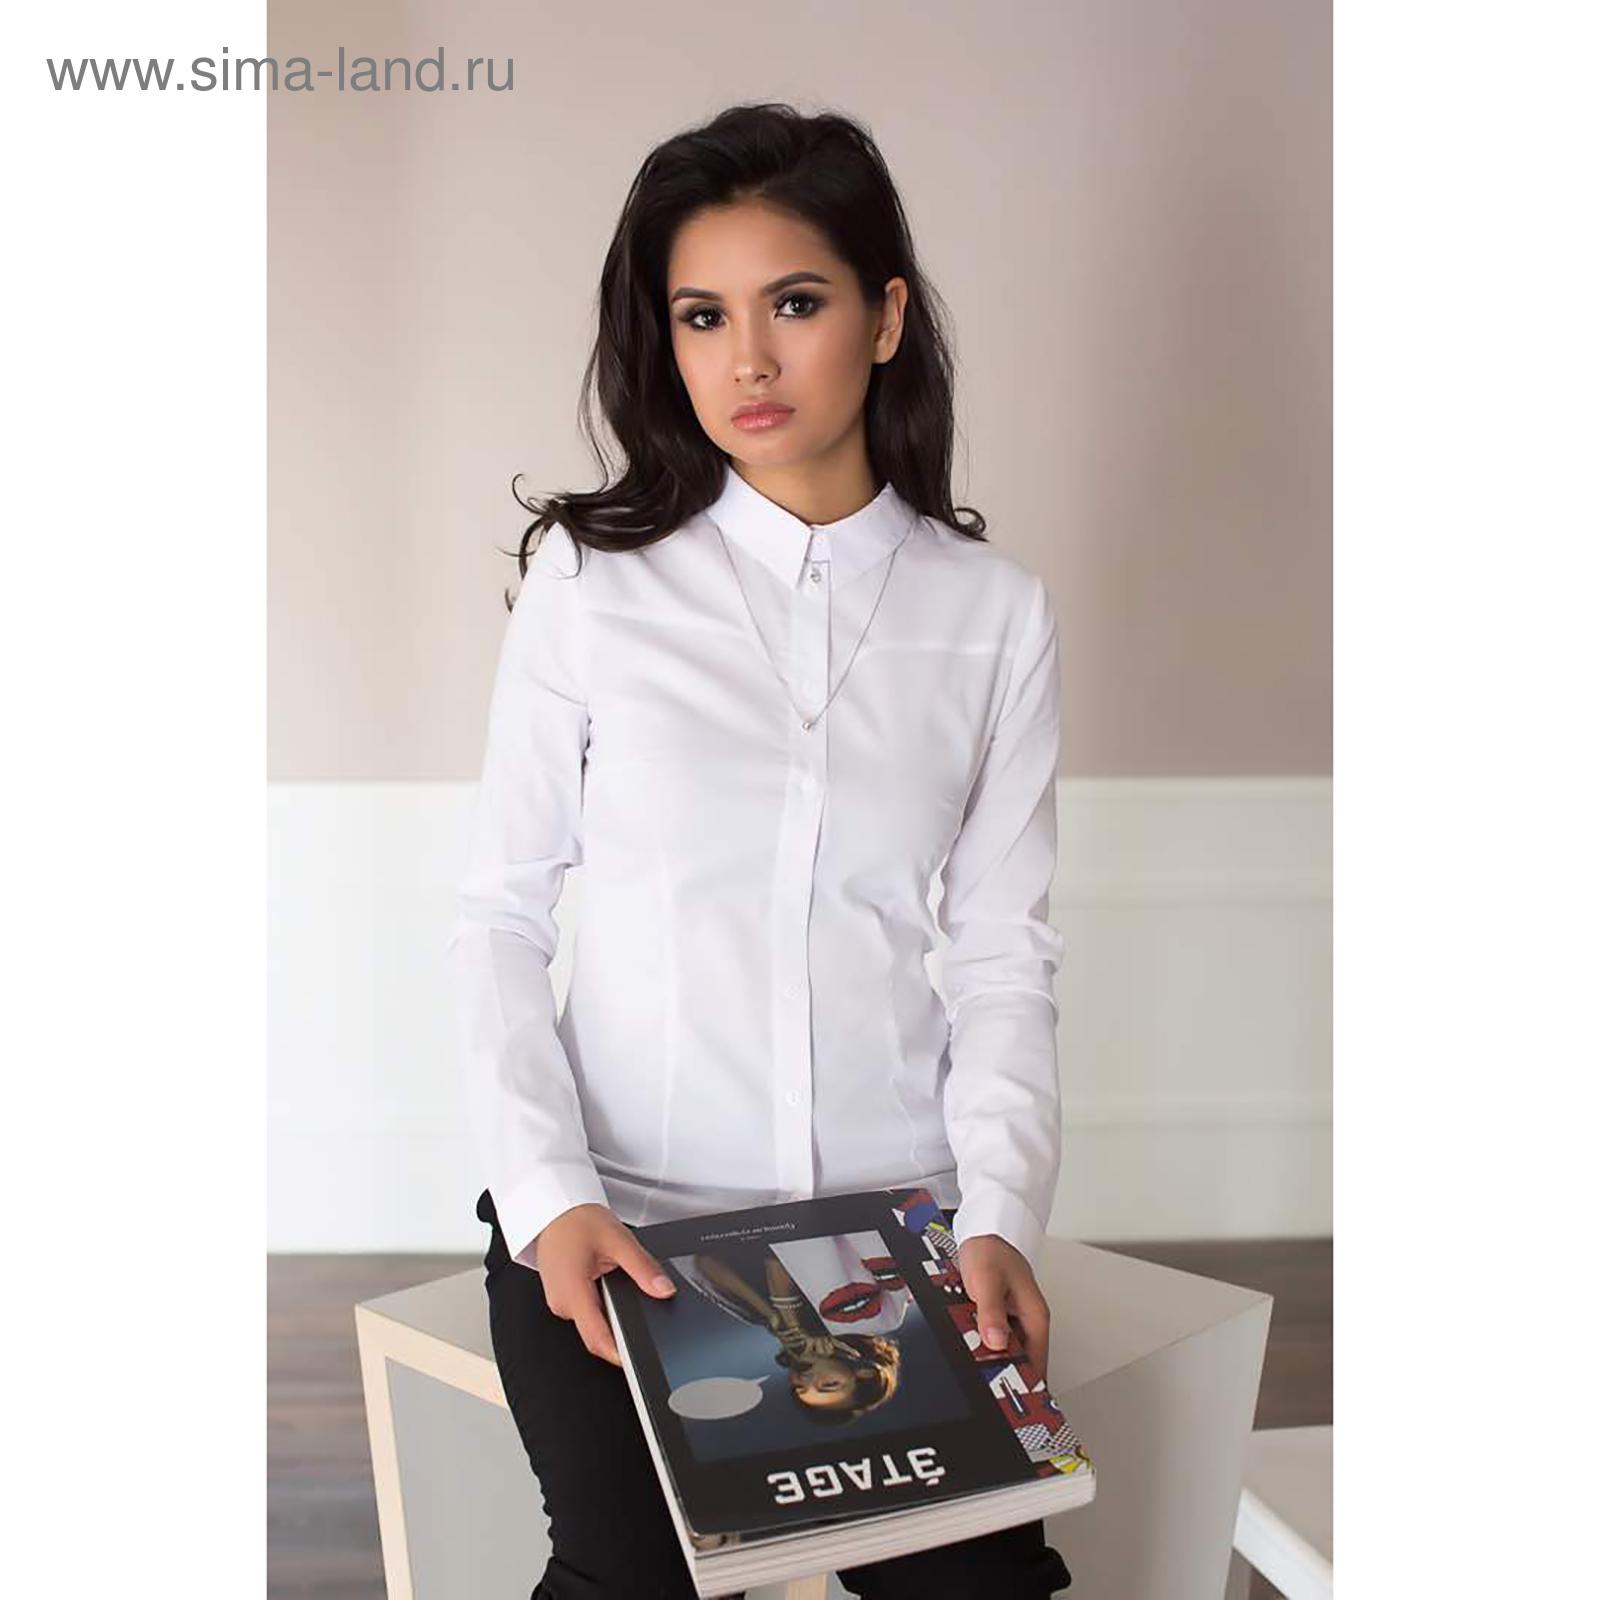 92552fa67b172f1 Рубашка женская, цвет белый, размер 54 (3045020) - Купить по цене от ...